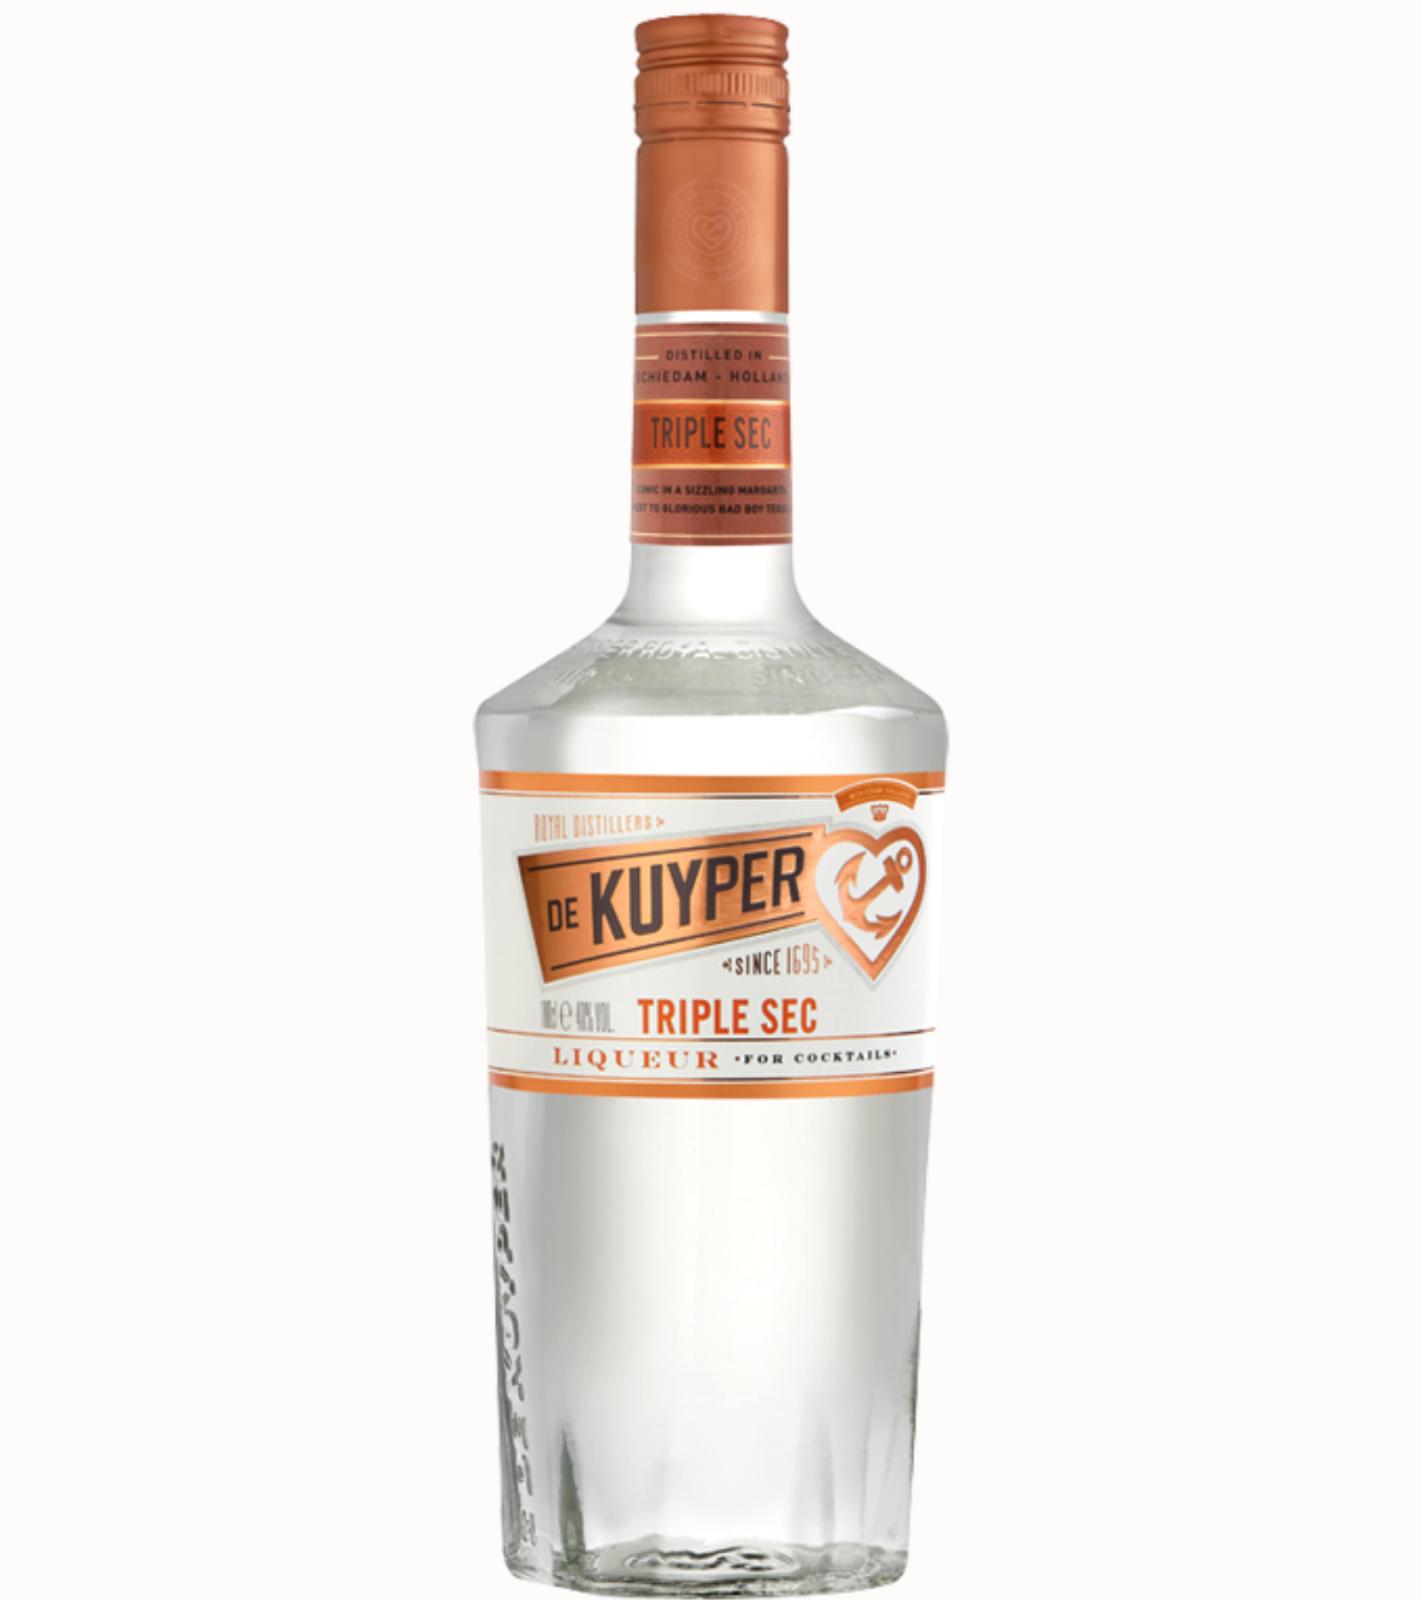 Ликер трипл сек (triple sec): понятие и рецепты коктейлей